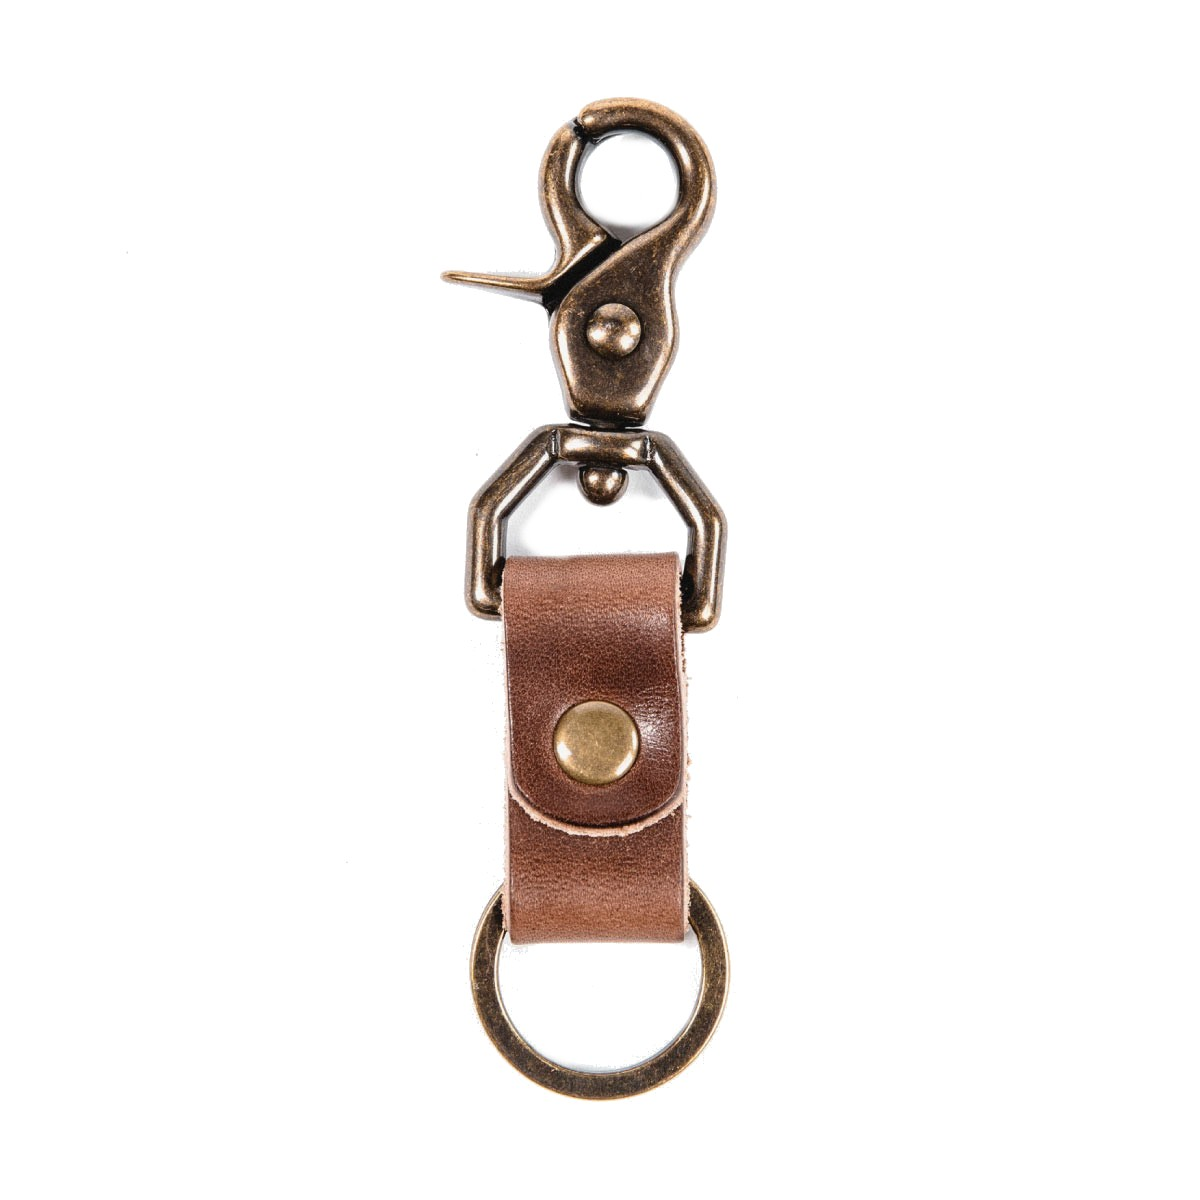 Brass & Leather Key Fob